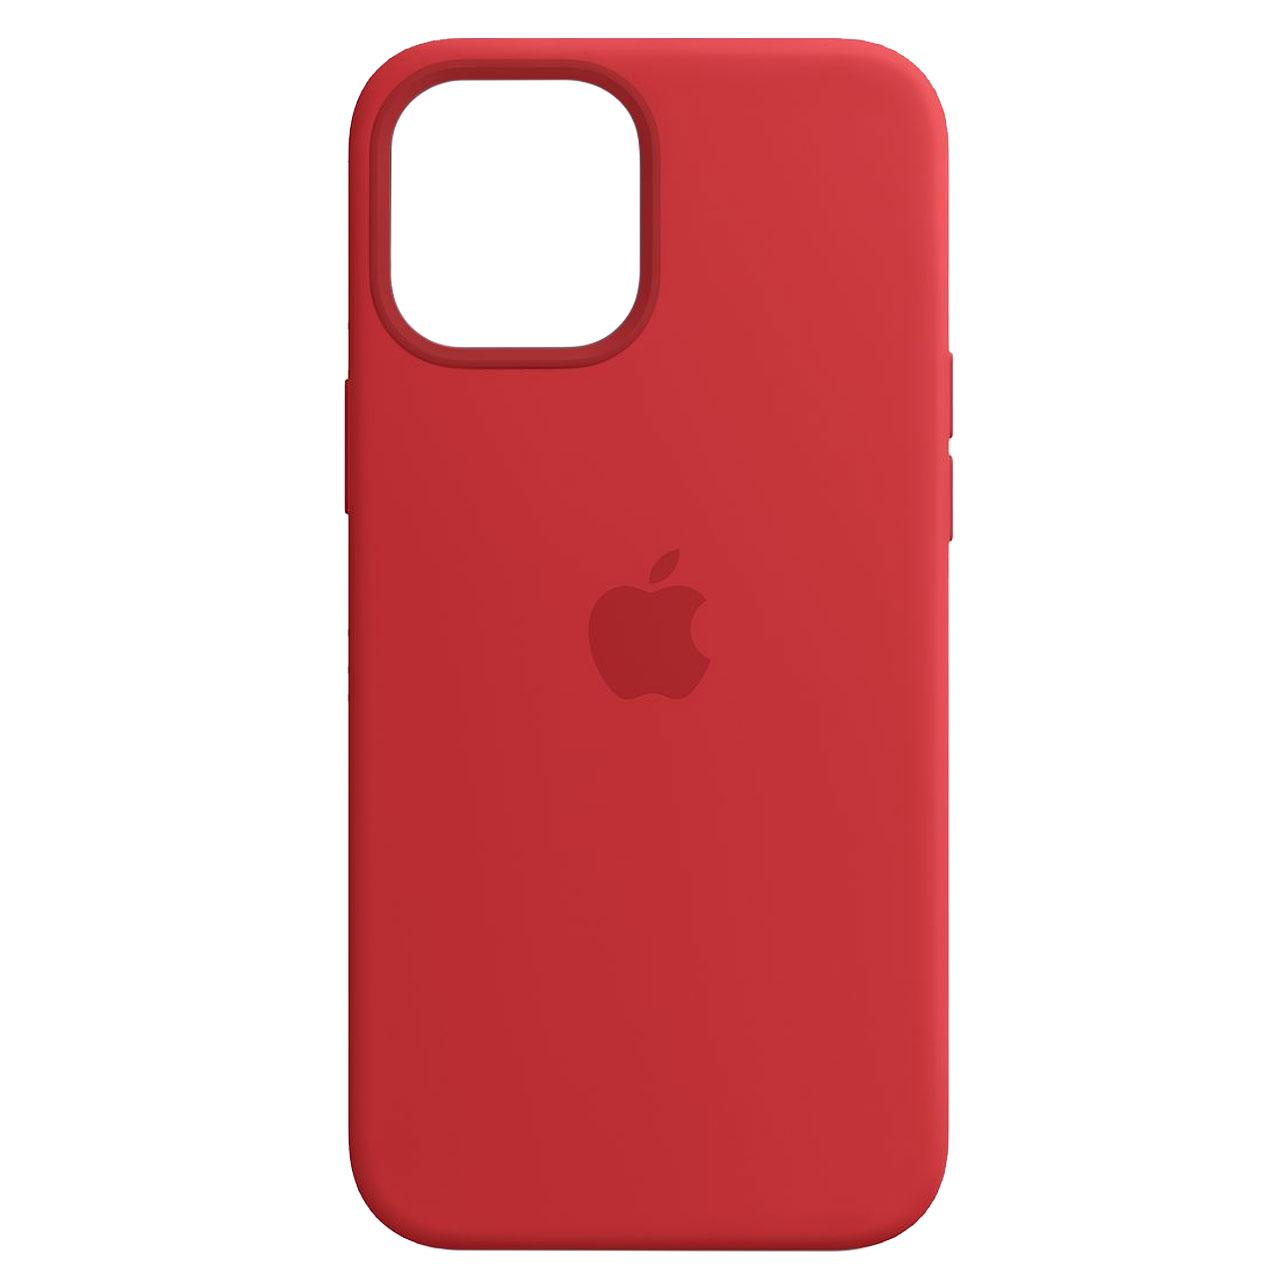 کاور مدل SLCN مناسب برای گوشی موبایل اپل iPhone 12 Pro Max